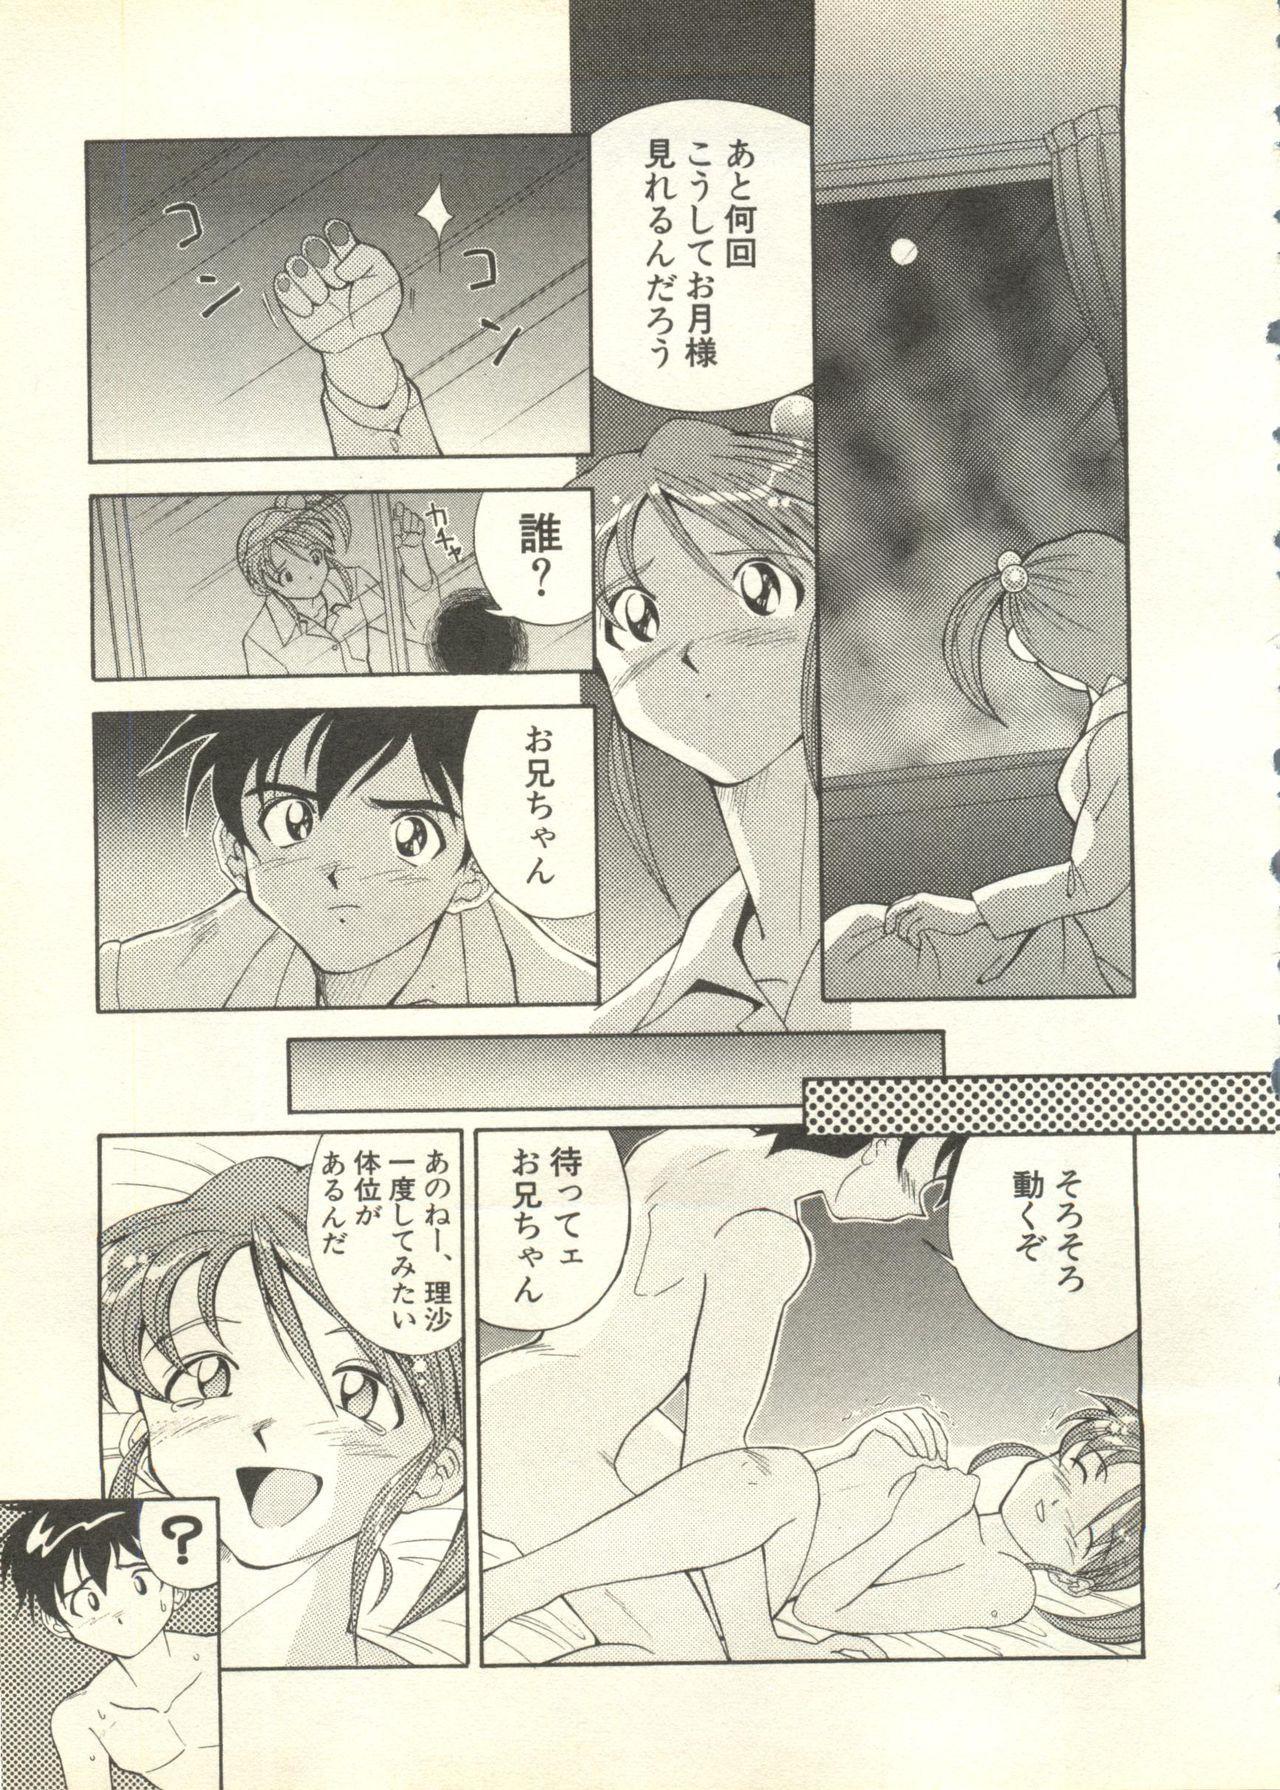 Pai;kuu 1998 July Vol. 11 209